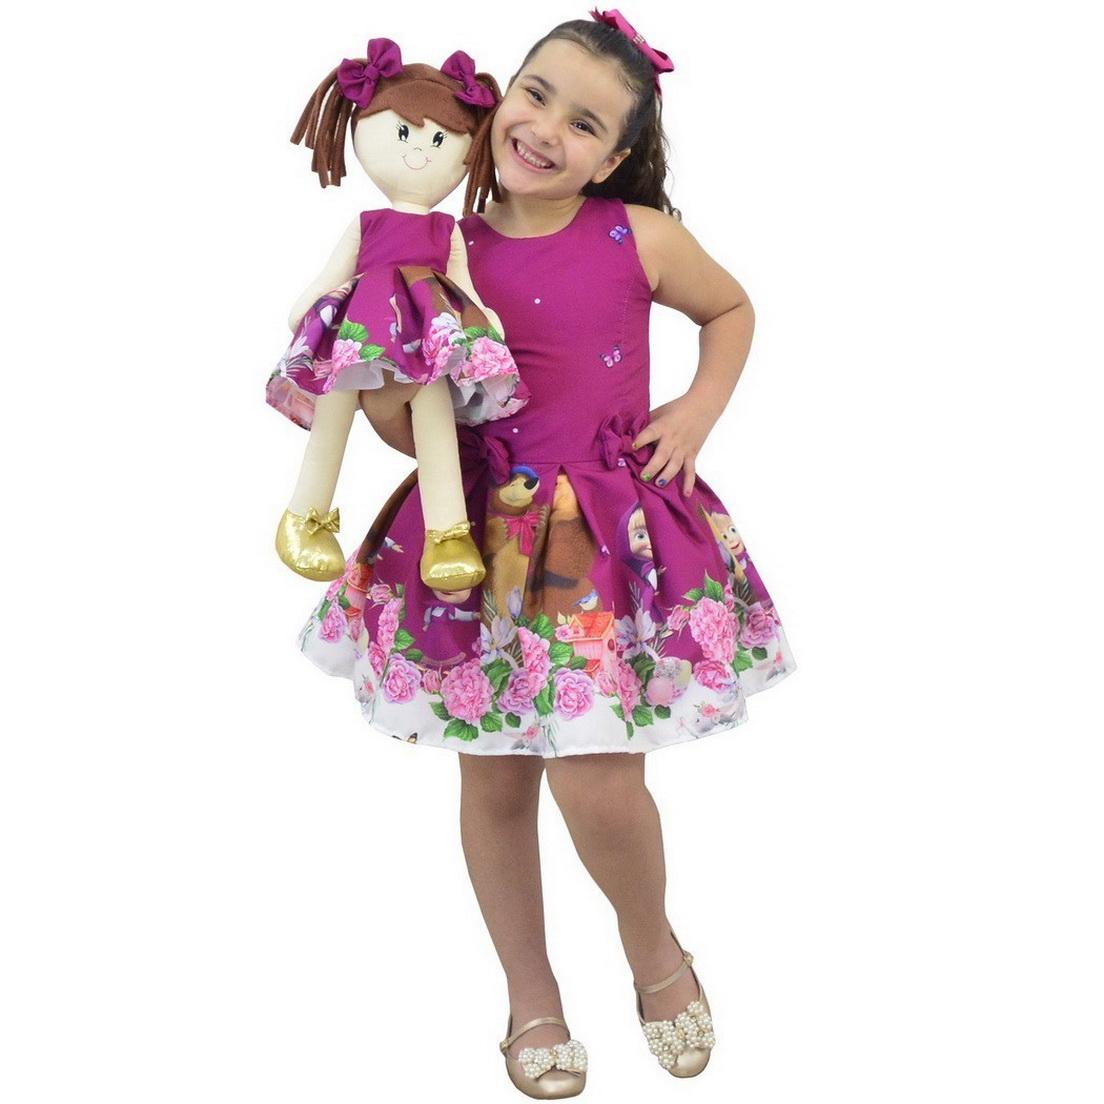 Tal Menina Tal Boneca - Vestido Masha e o Urso na Cor Roxa